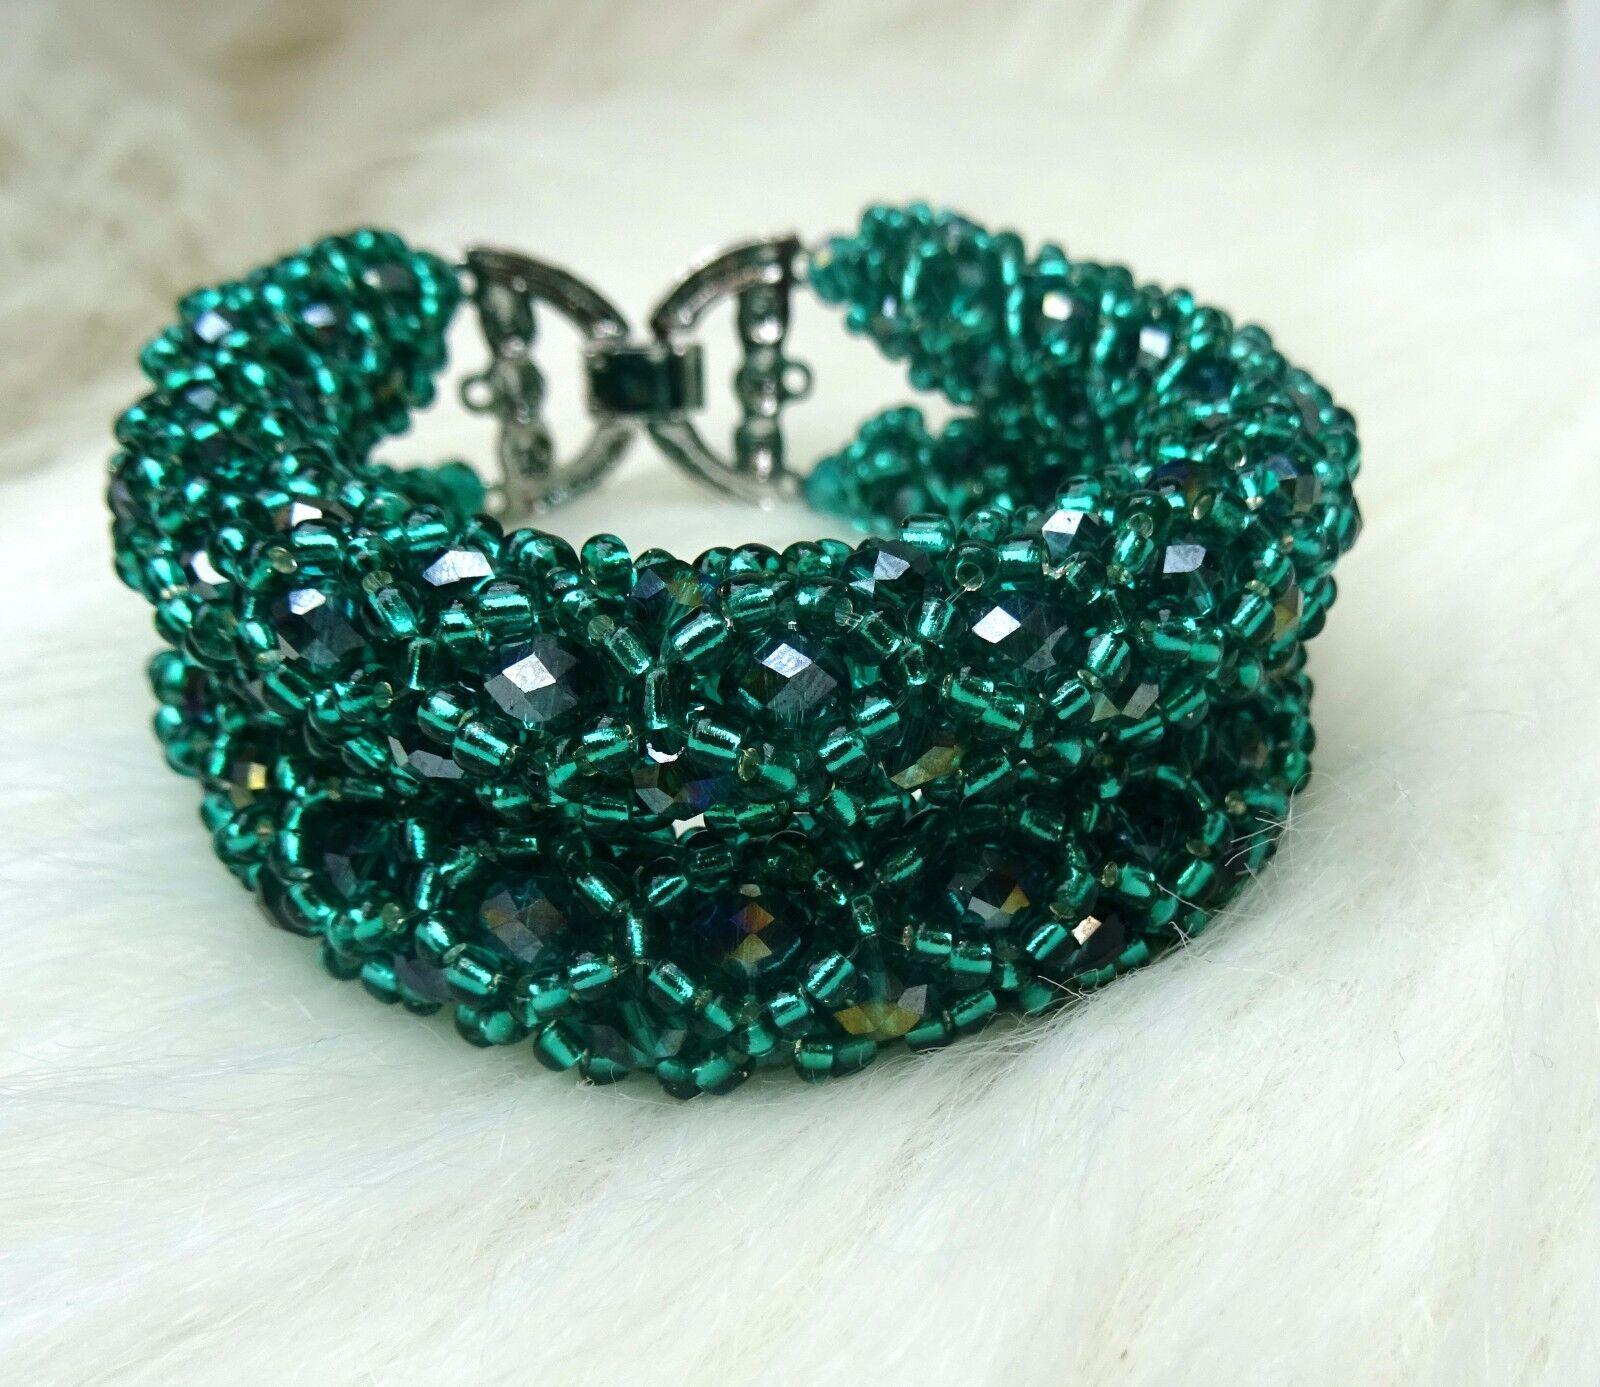 Piastrella verde E argentoO CURVA CURVA CURVA Design africano Perline Gioielli Da Sposa Festa Matrimonio Set 27f372